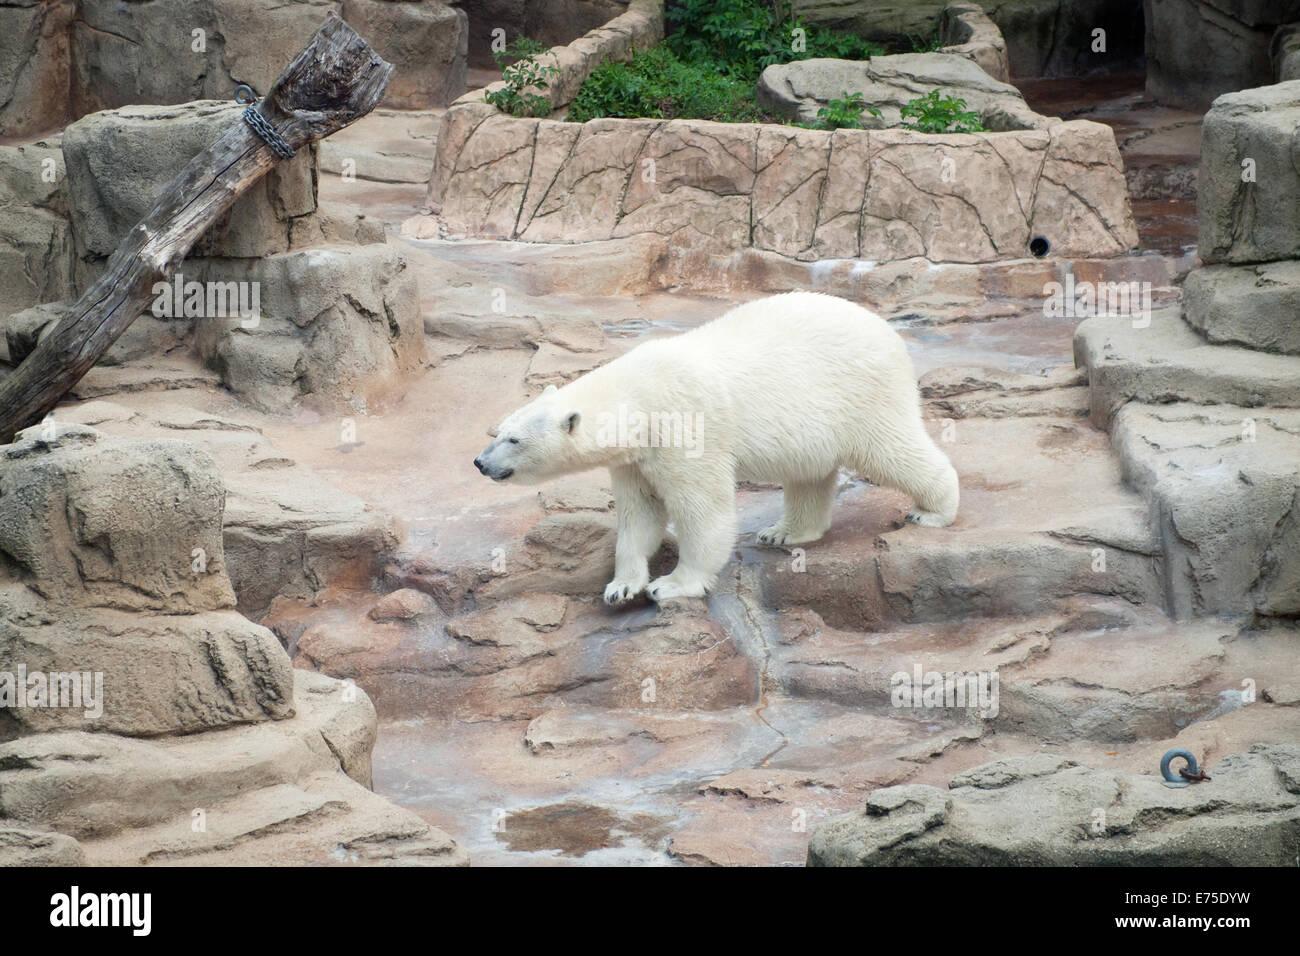 Una vista de anana, el residente hembra de oso polar del zoo de Lincoln Park en Chicago, Illinois. Imagen De Stock